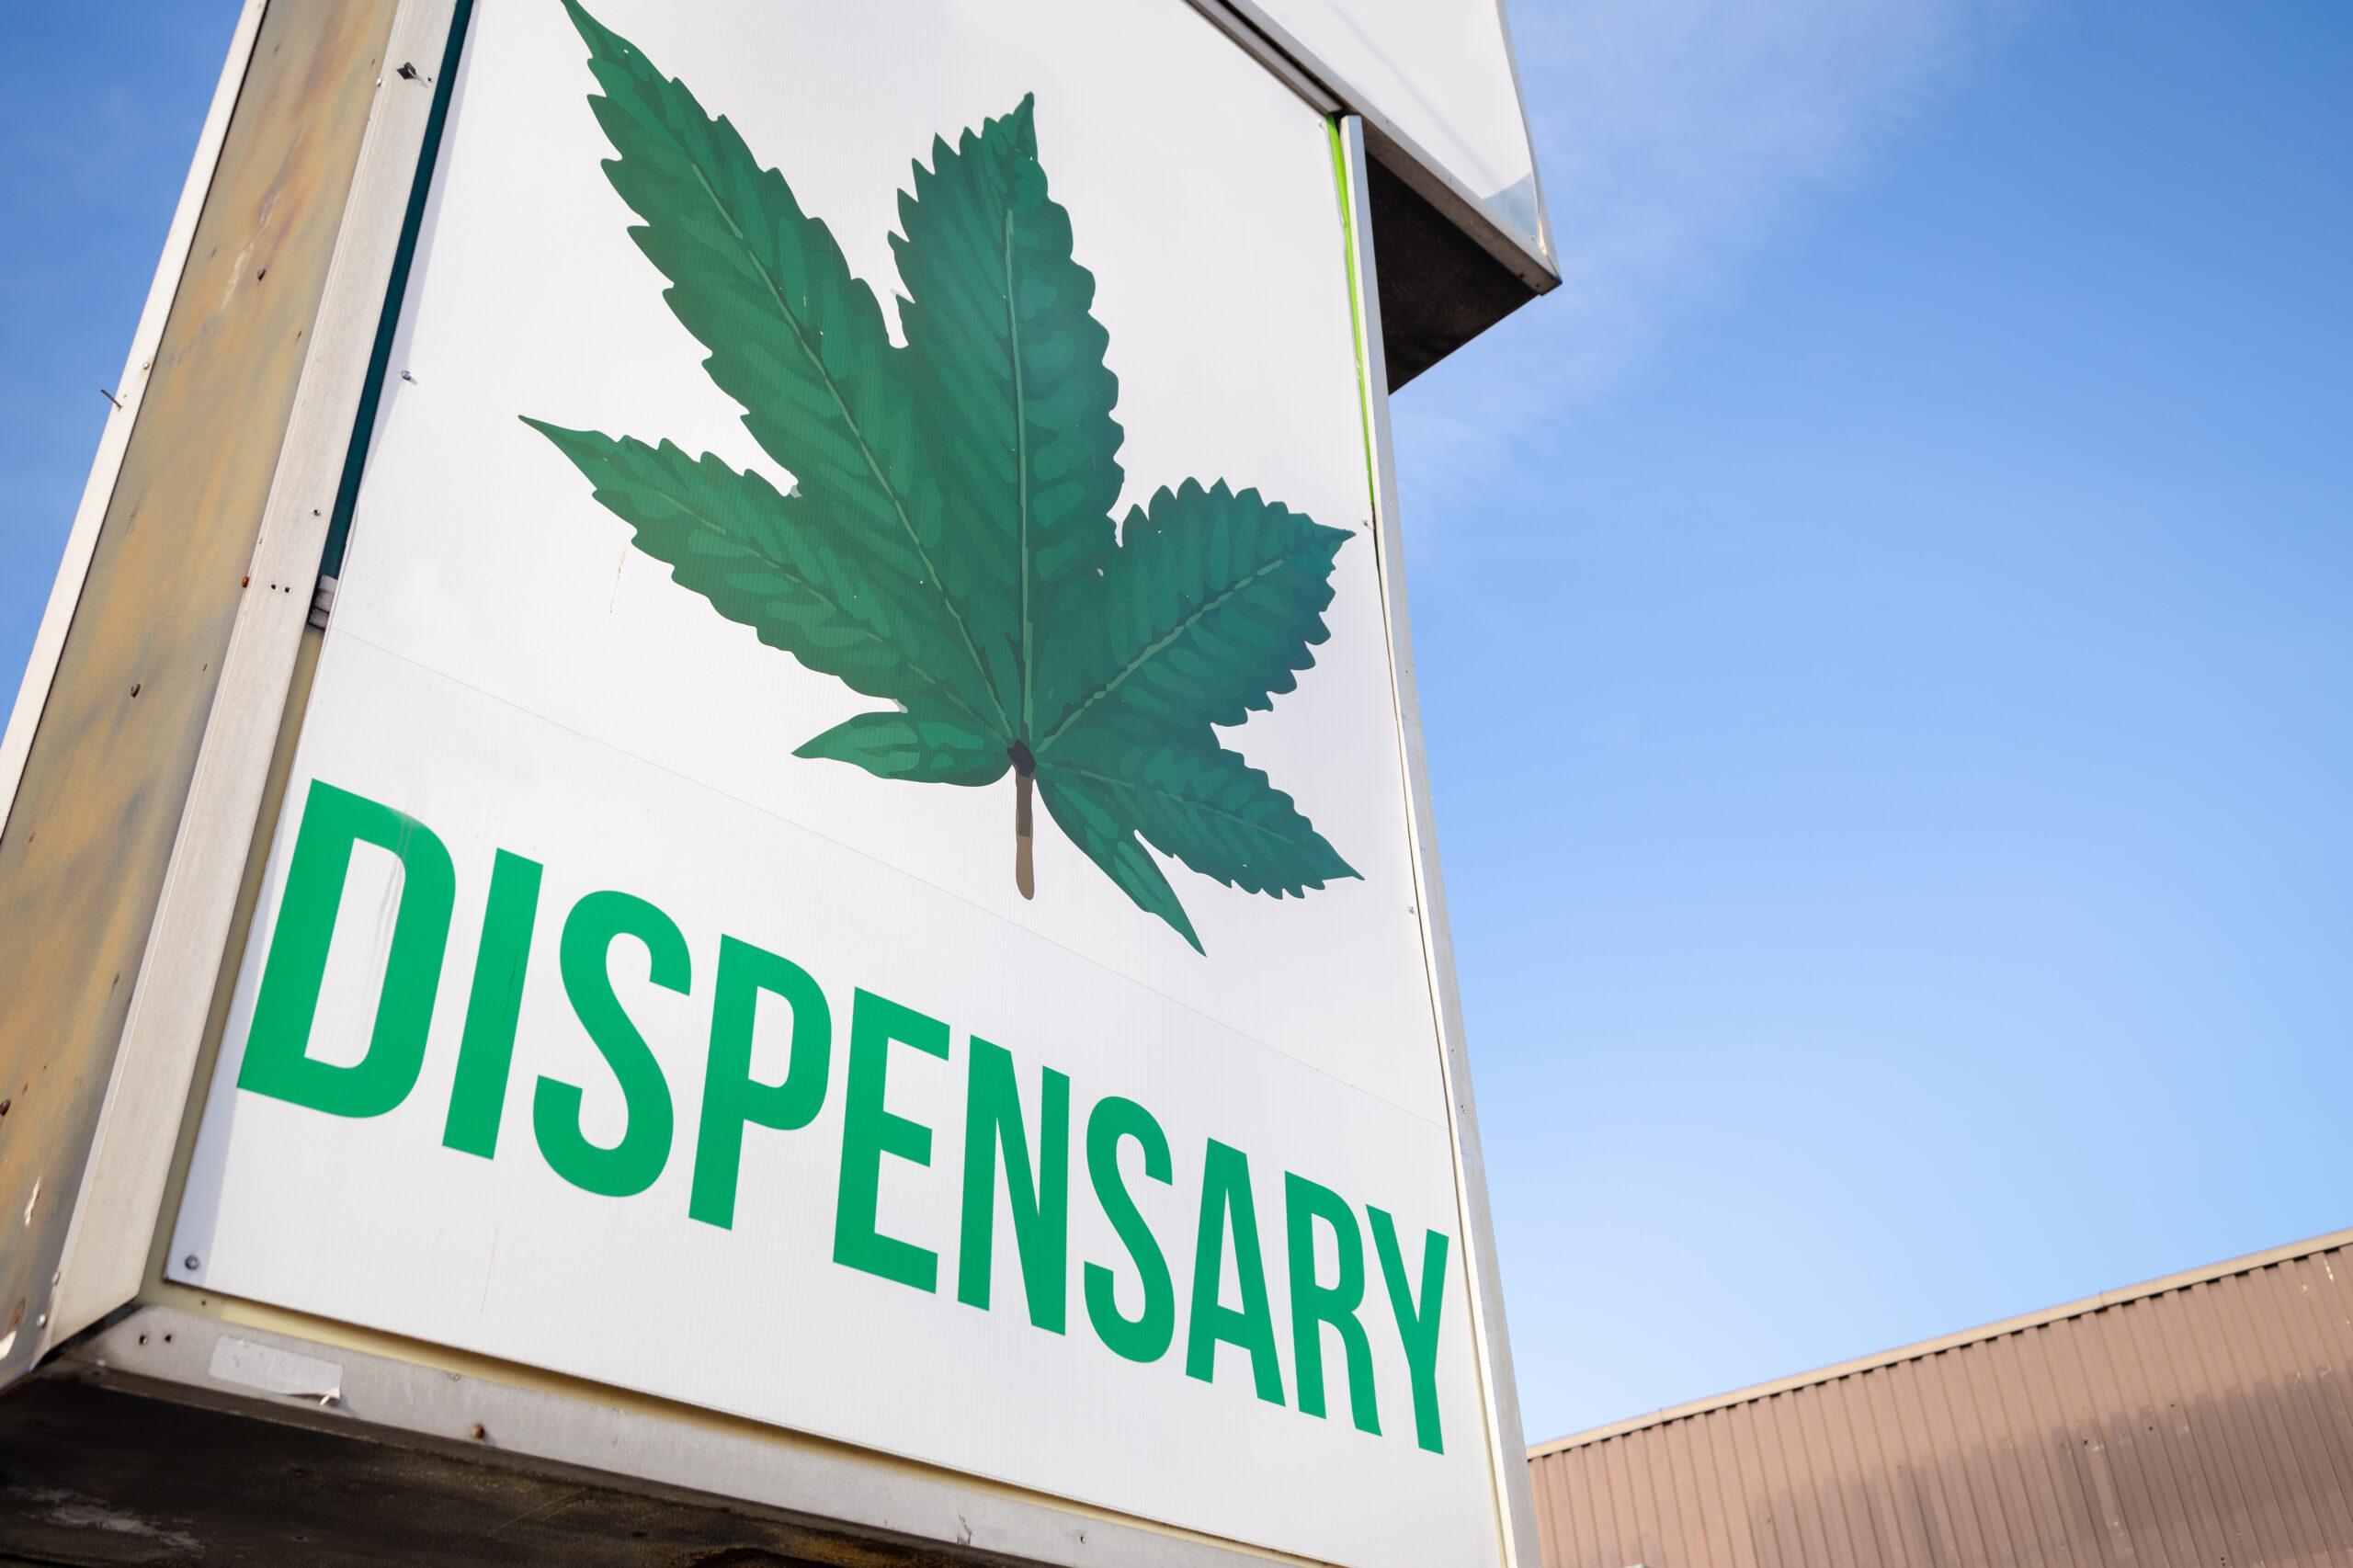 Dispensaries